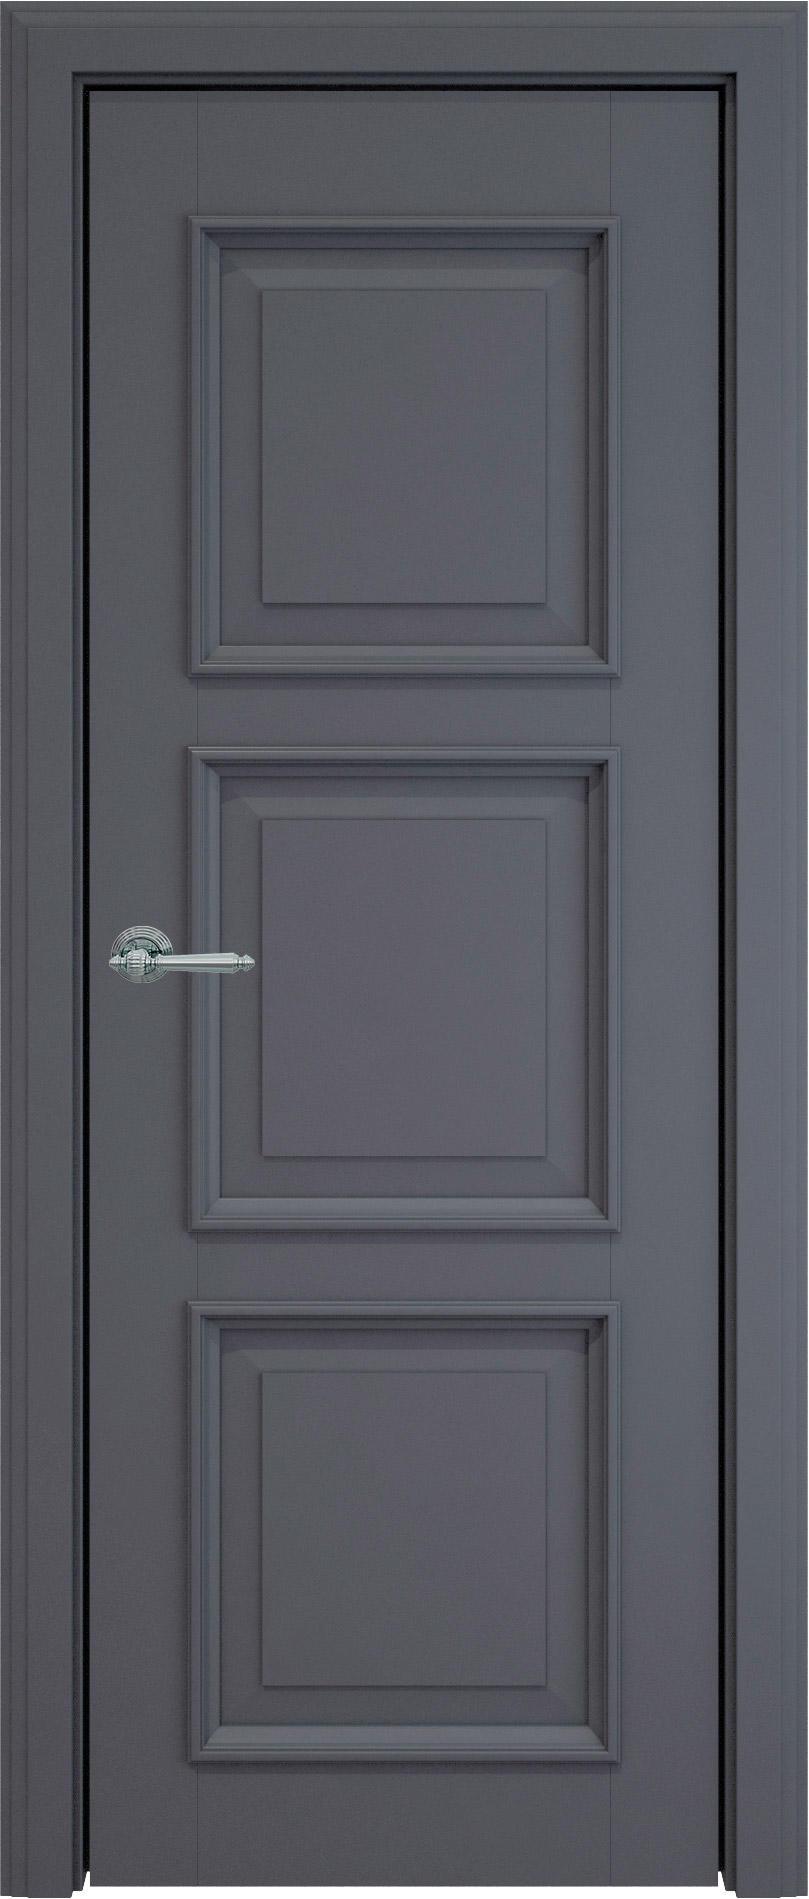 Milano LUX цвет - Графитово-серая эмаль (RAL 7024) Без стекла (ДГ)